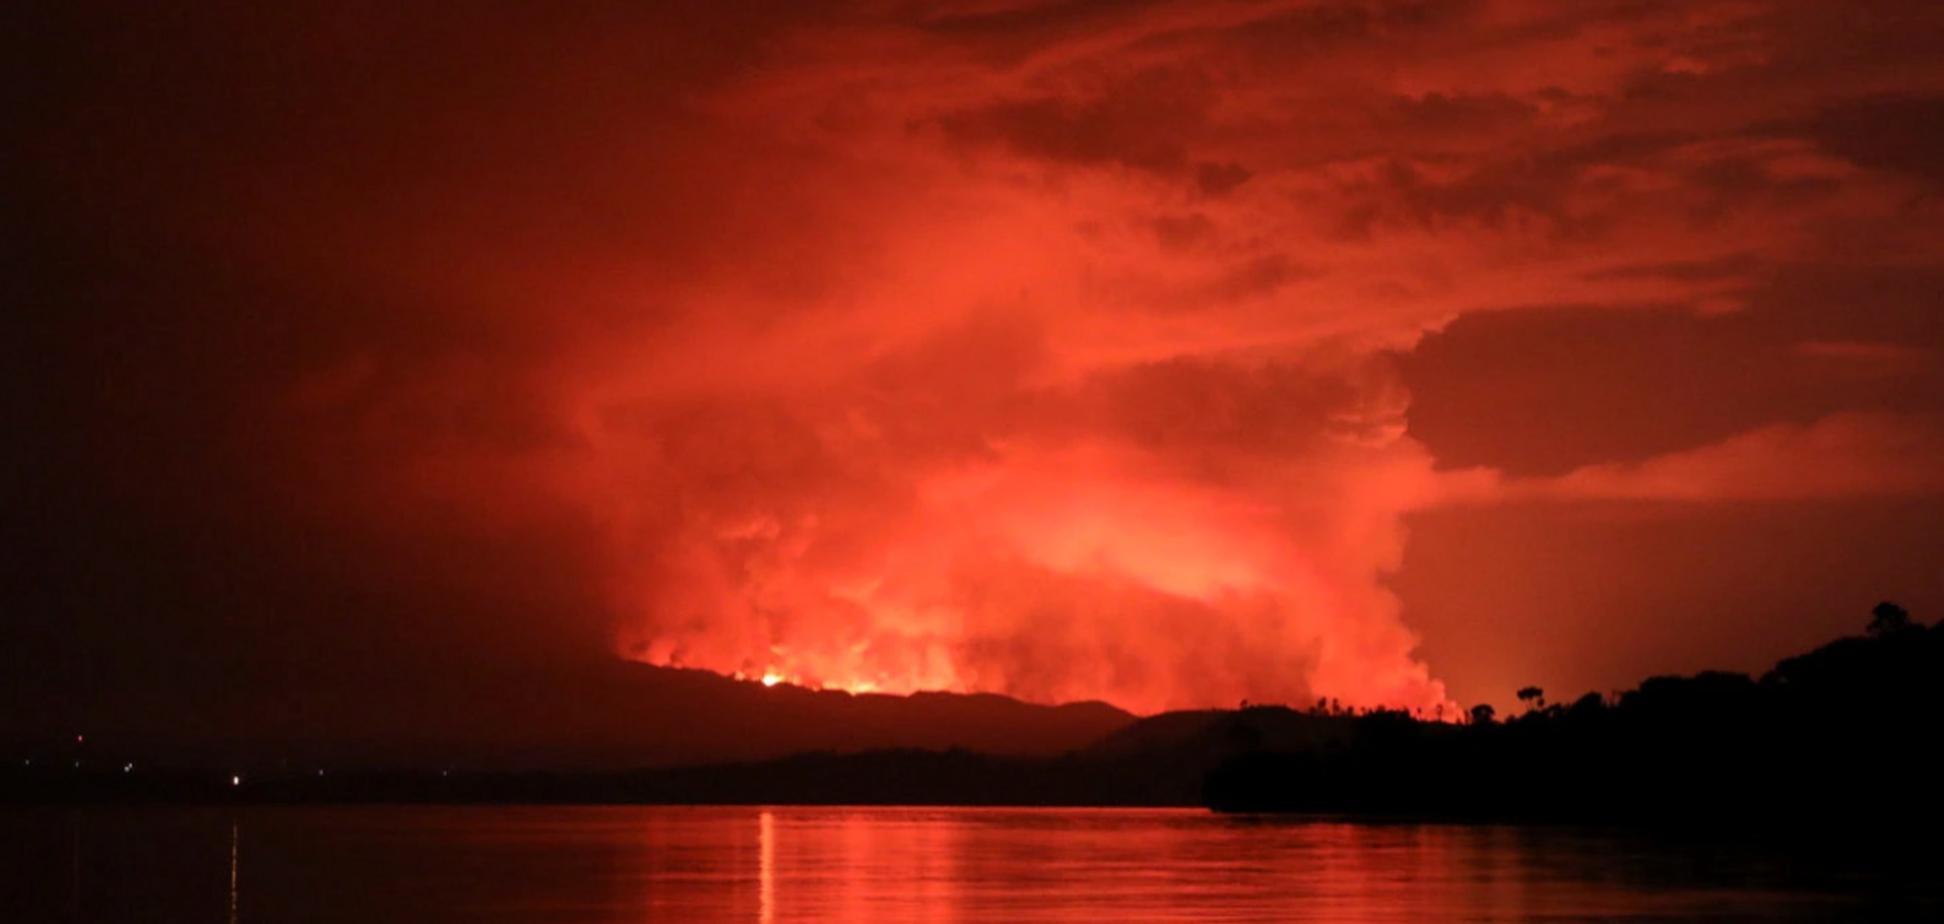 Извержение вулкана в Конго: лава чуть не сожгла город Гома